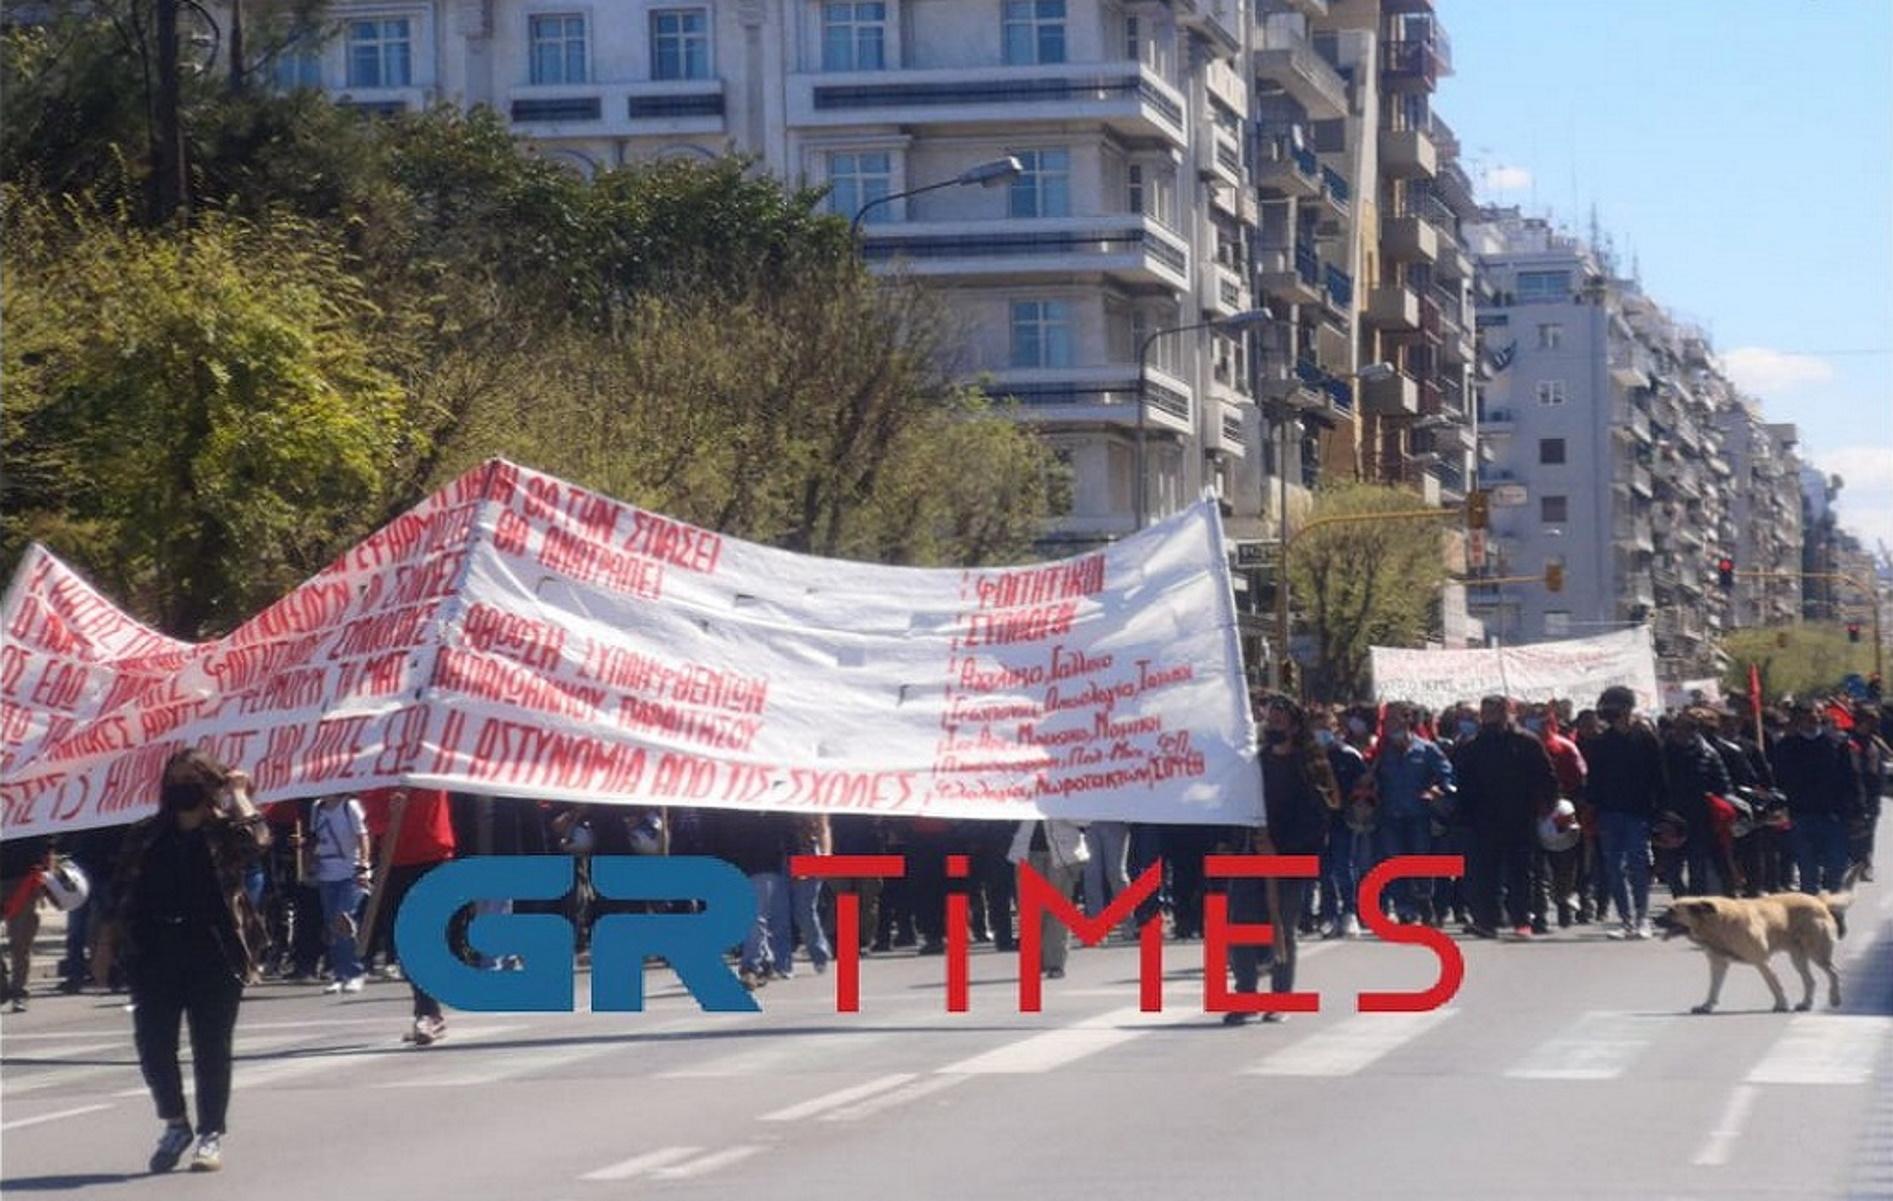 Θεσσαλονίκη: Νέο πανεκπαιδευτικό συλλαλητήριο κατά του νόμου Κεραμέως – Χρυσοχοΐδη (pics, vid)